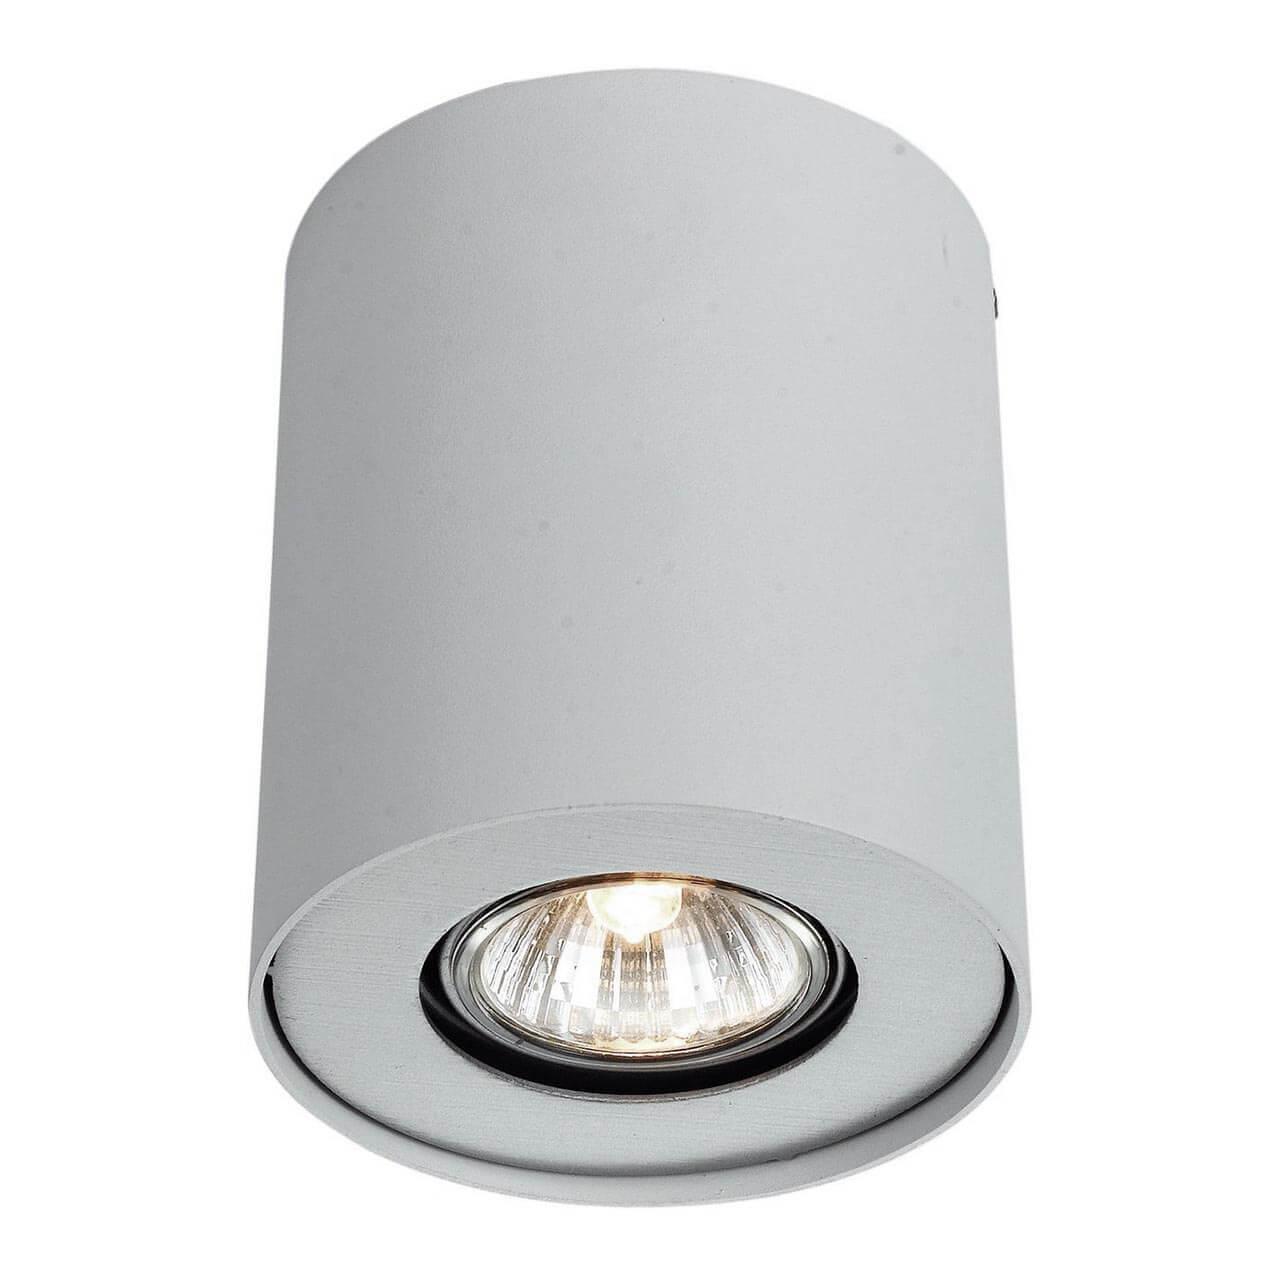 Потолочный светильник Arte Lamp Falcon A5633PL-1WH arte lamp светильник arte lamp falcon a5633pl 2bk